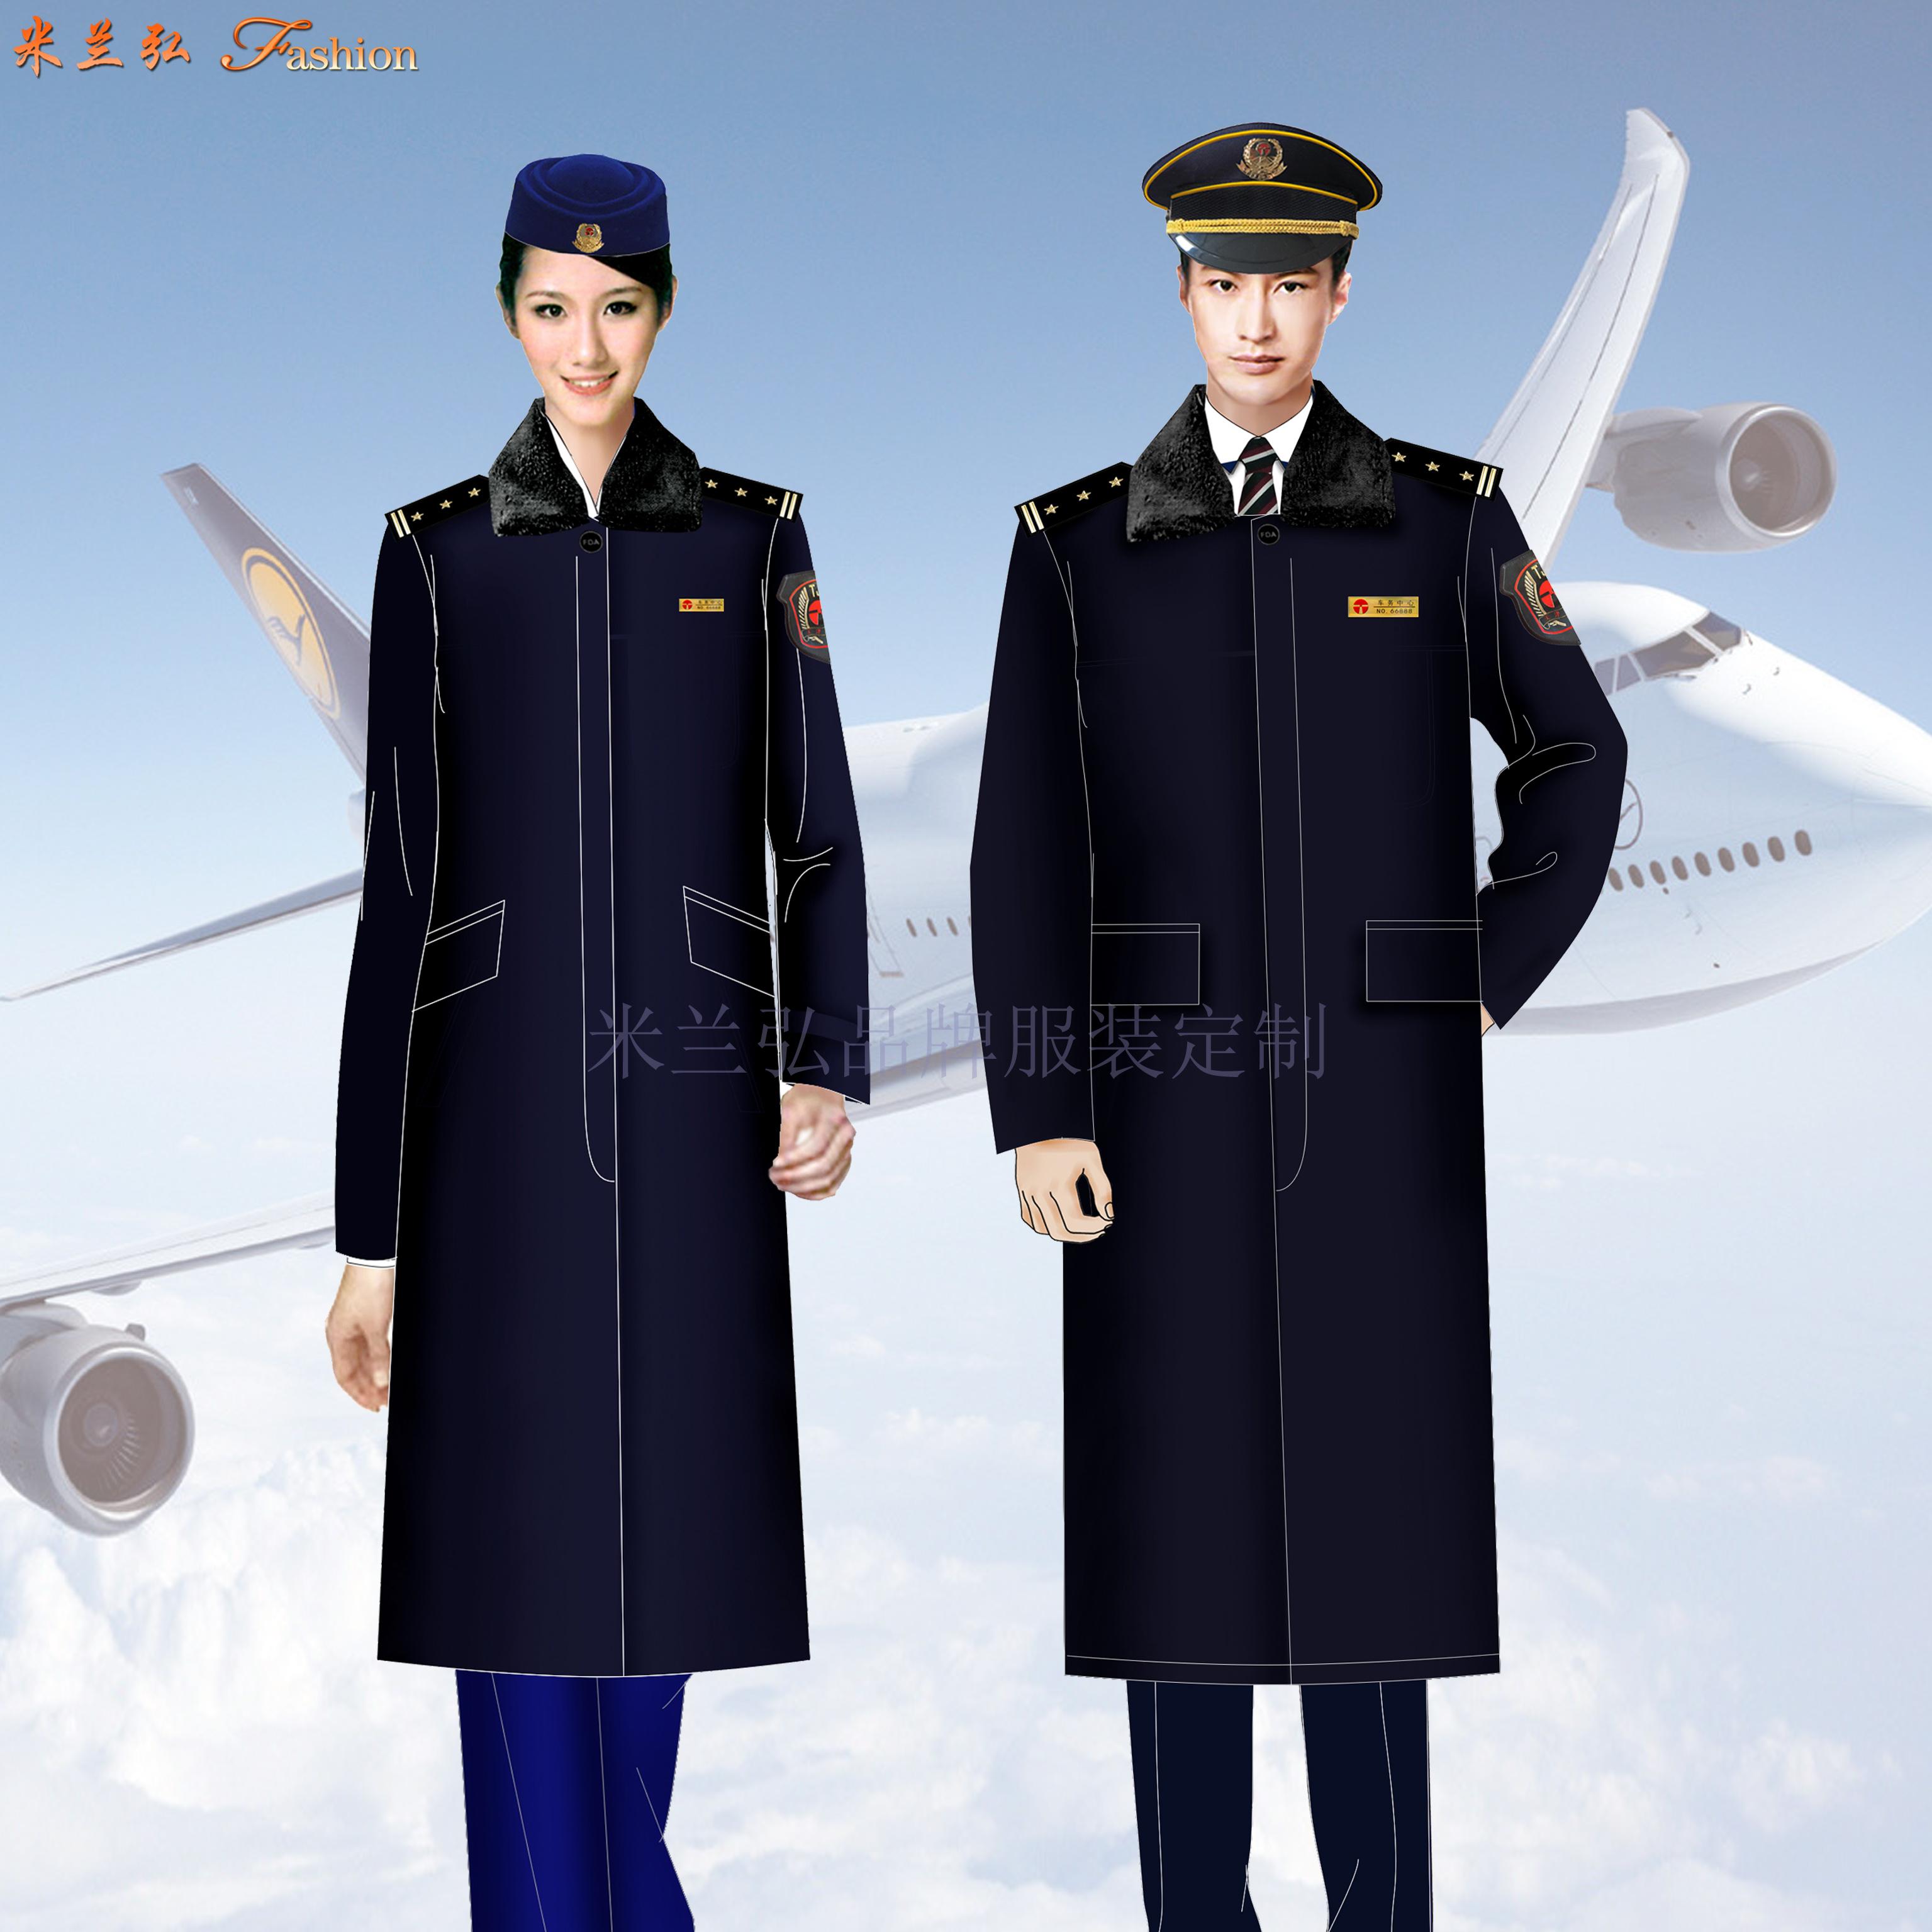 安檢服羊毛大衣定做_機場安檢員大衣訂製_民航安檢棉服定製-5